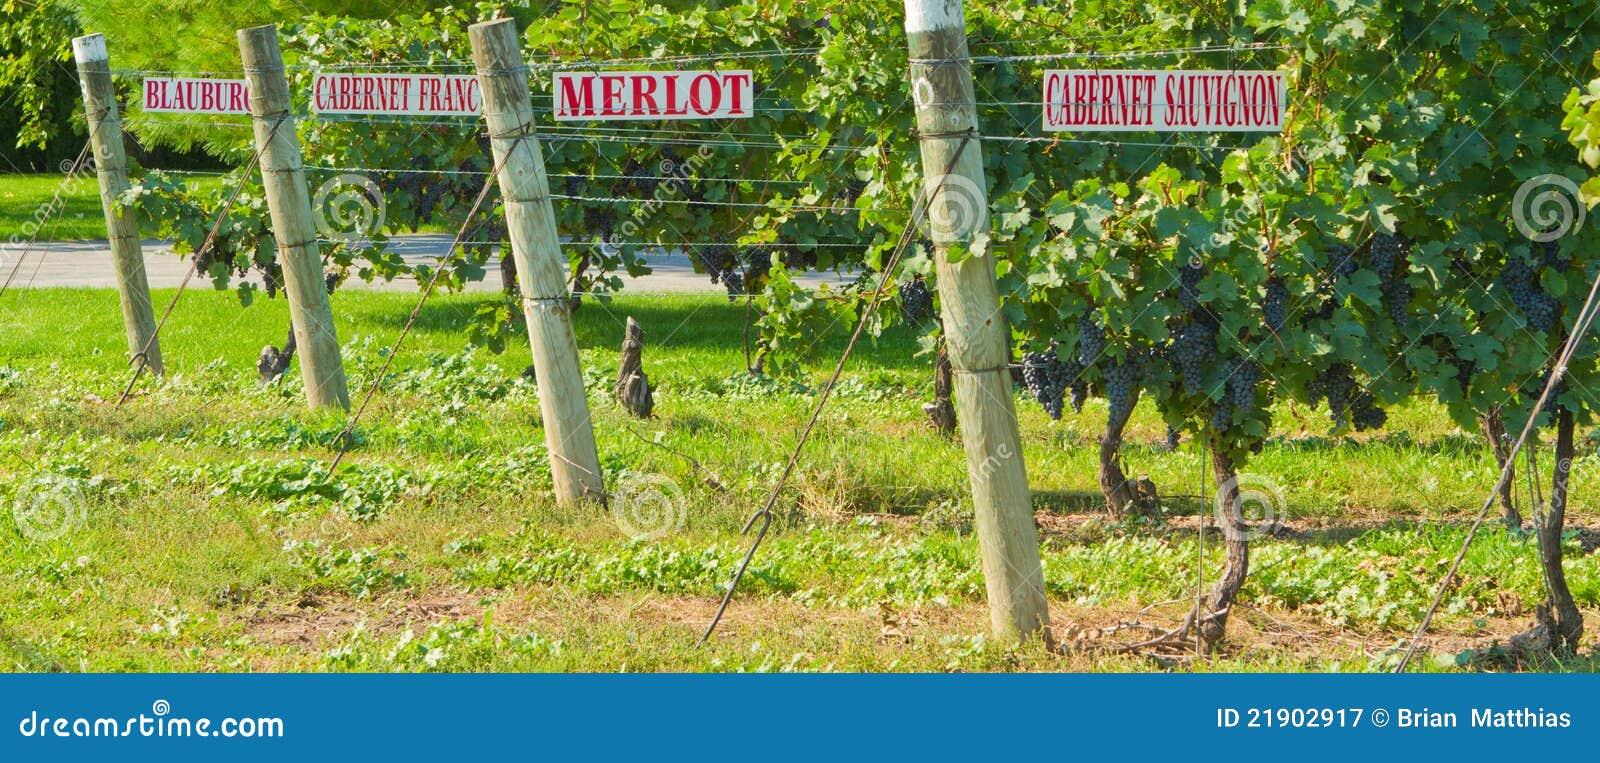 Vignes avec des signes